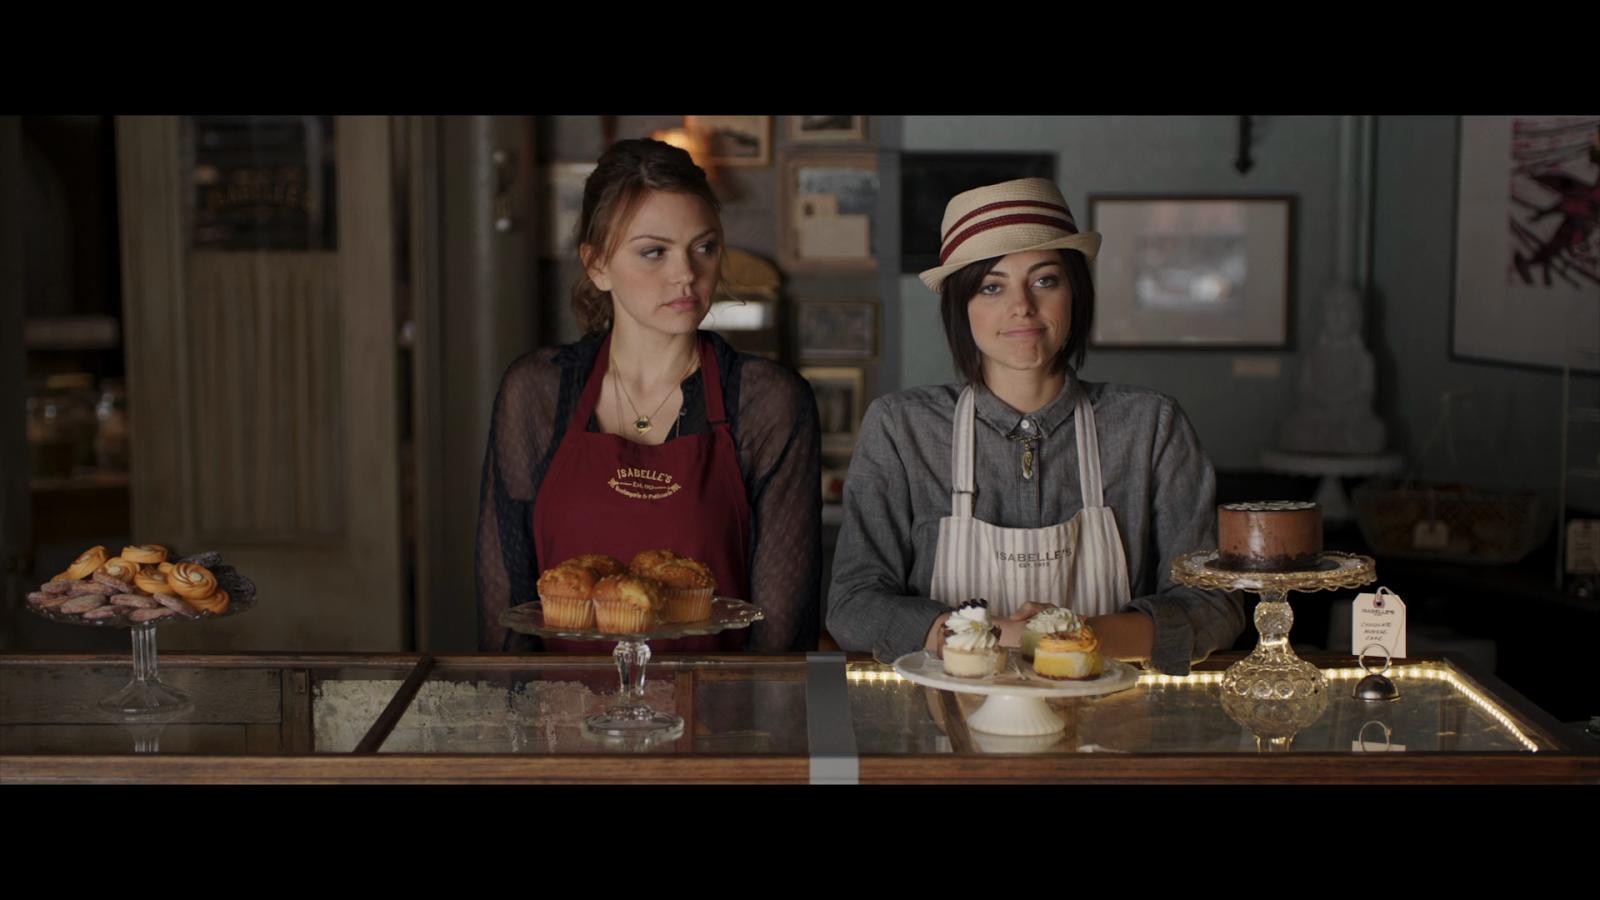 Mi panadería en Brooklyn (2016) 720p Latino-Ingles captura 2